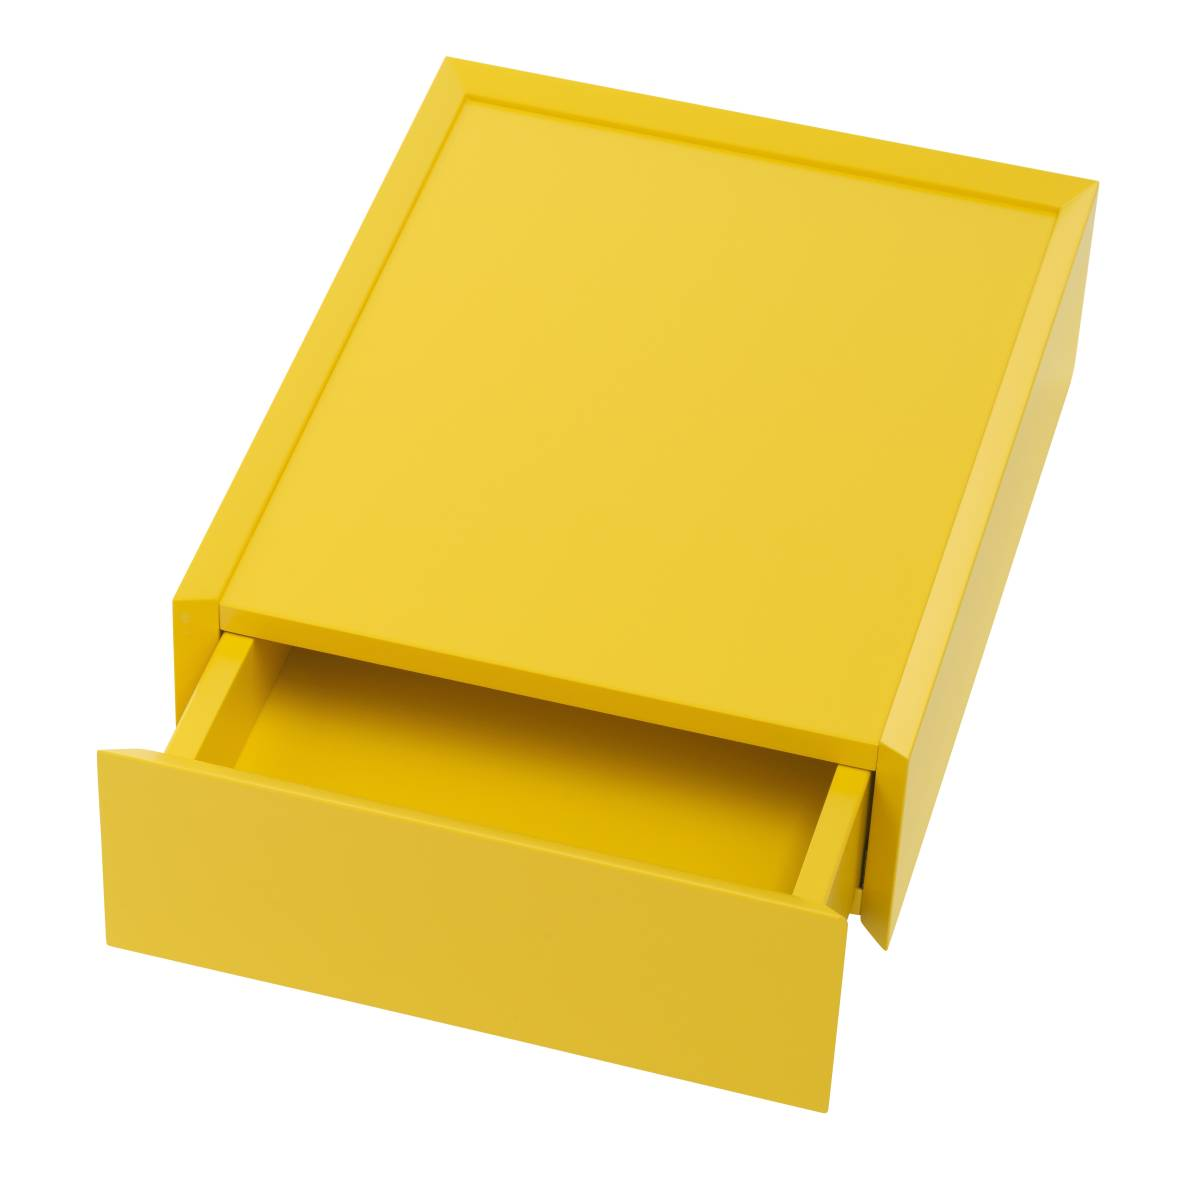 SOUVENIR Schubkastenbox 27 cm zitrusgelb (69)